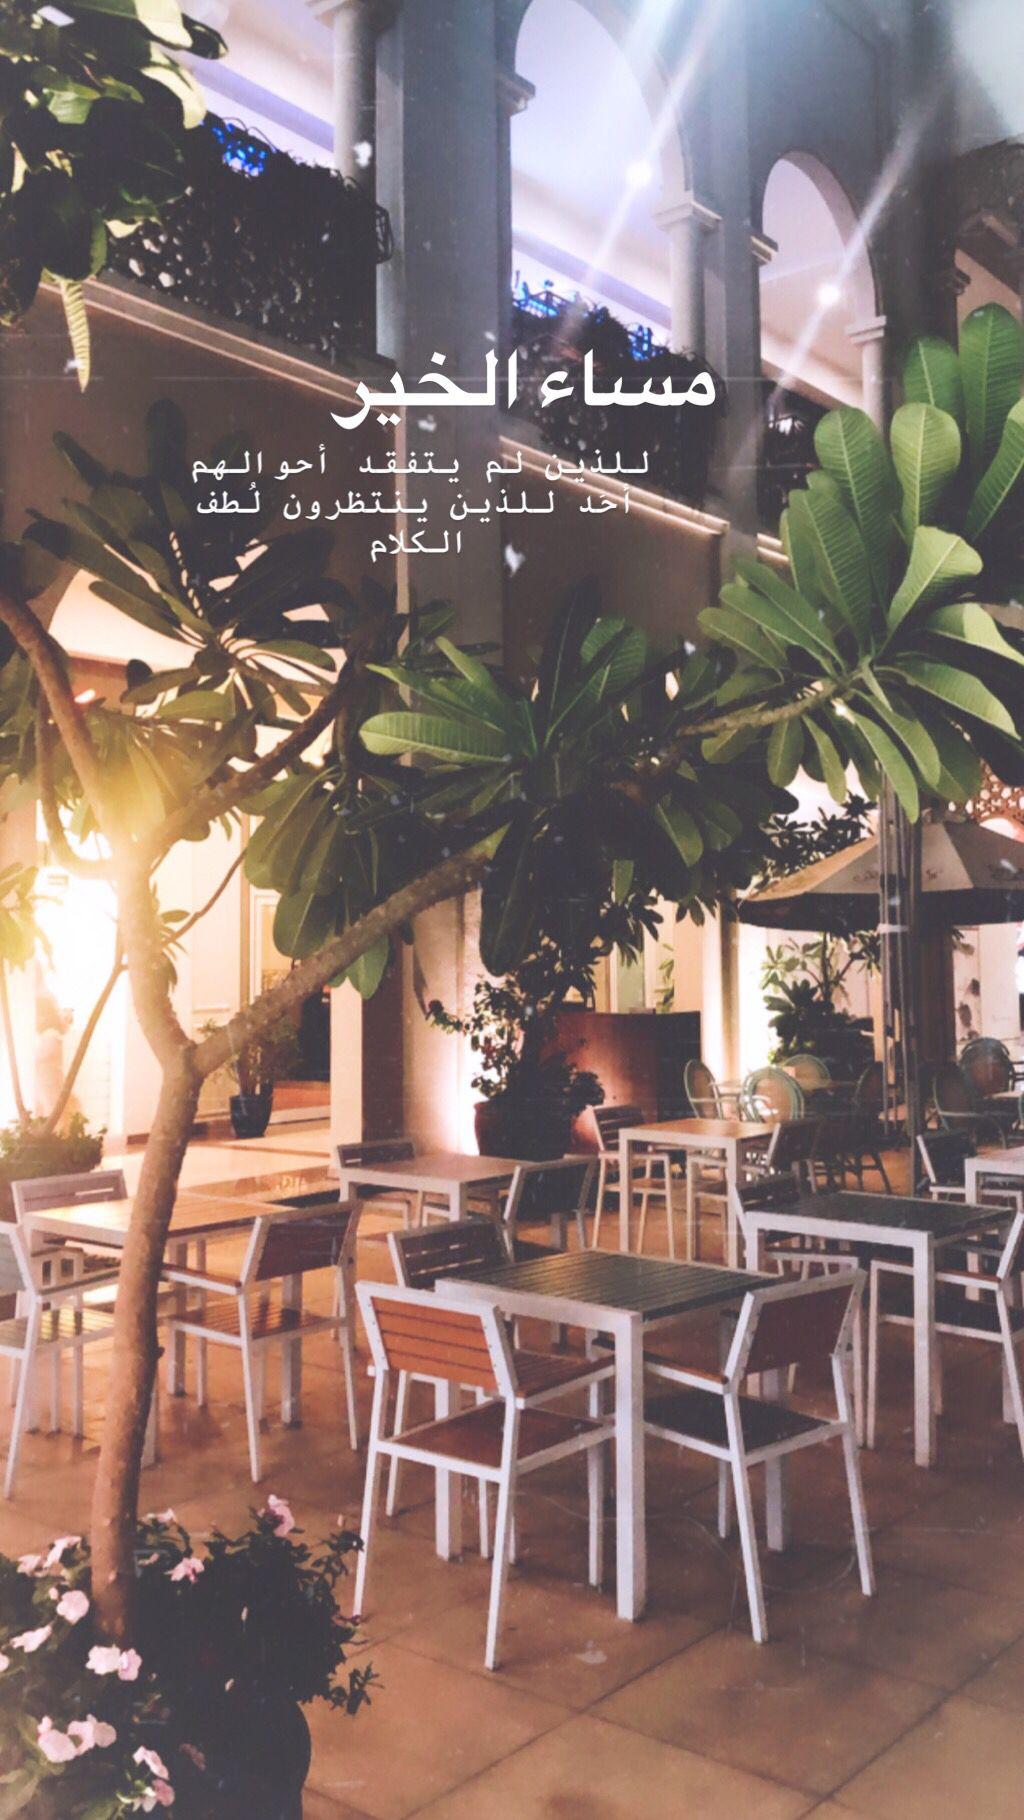 مساء الخير خواطر رمزيات سنابيات كتب اقتباسات تصويري تصميم قهوة كوفي سنابيات Coffee Cafe Home Decor Q Arabic Quotes Table Decorations Decor